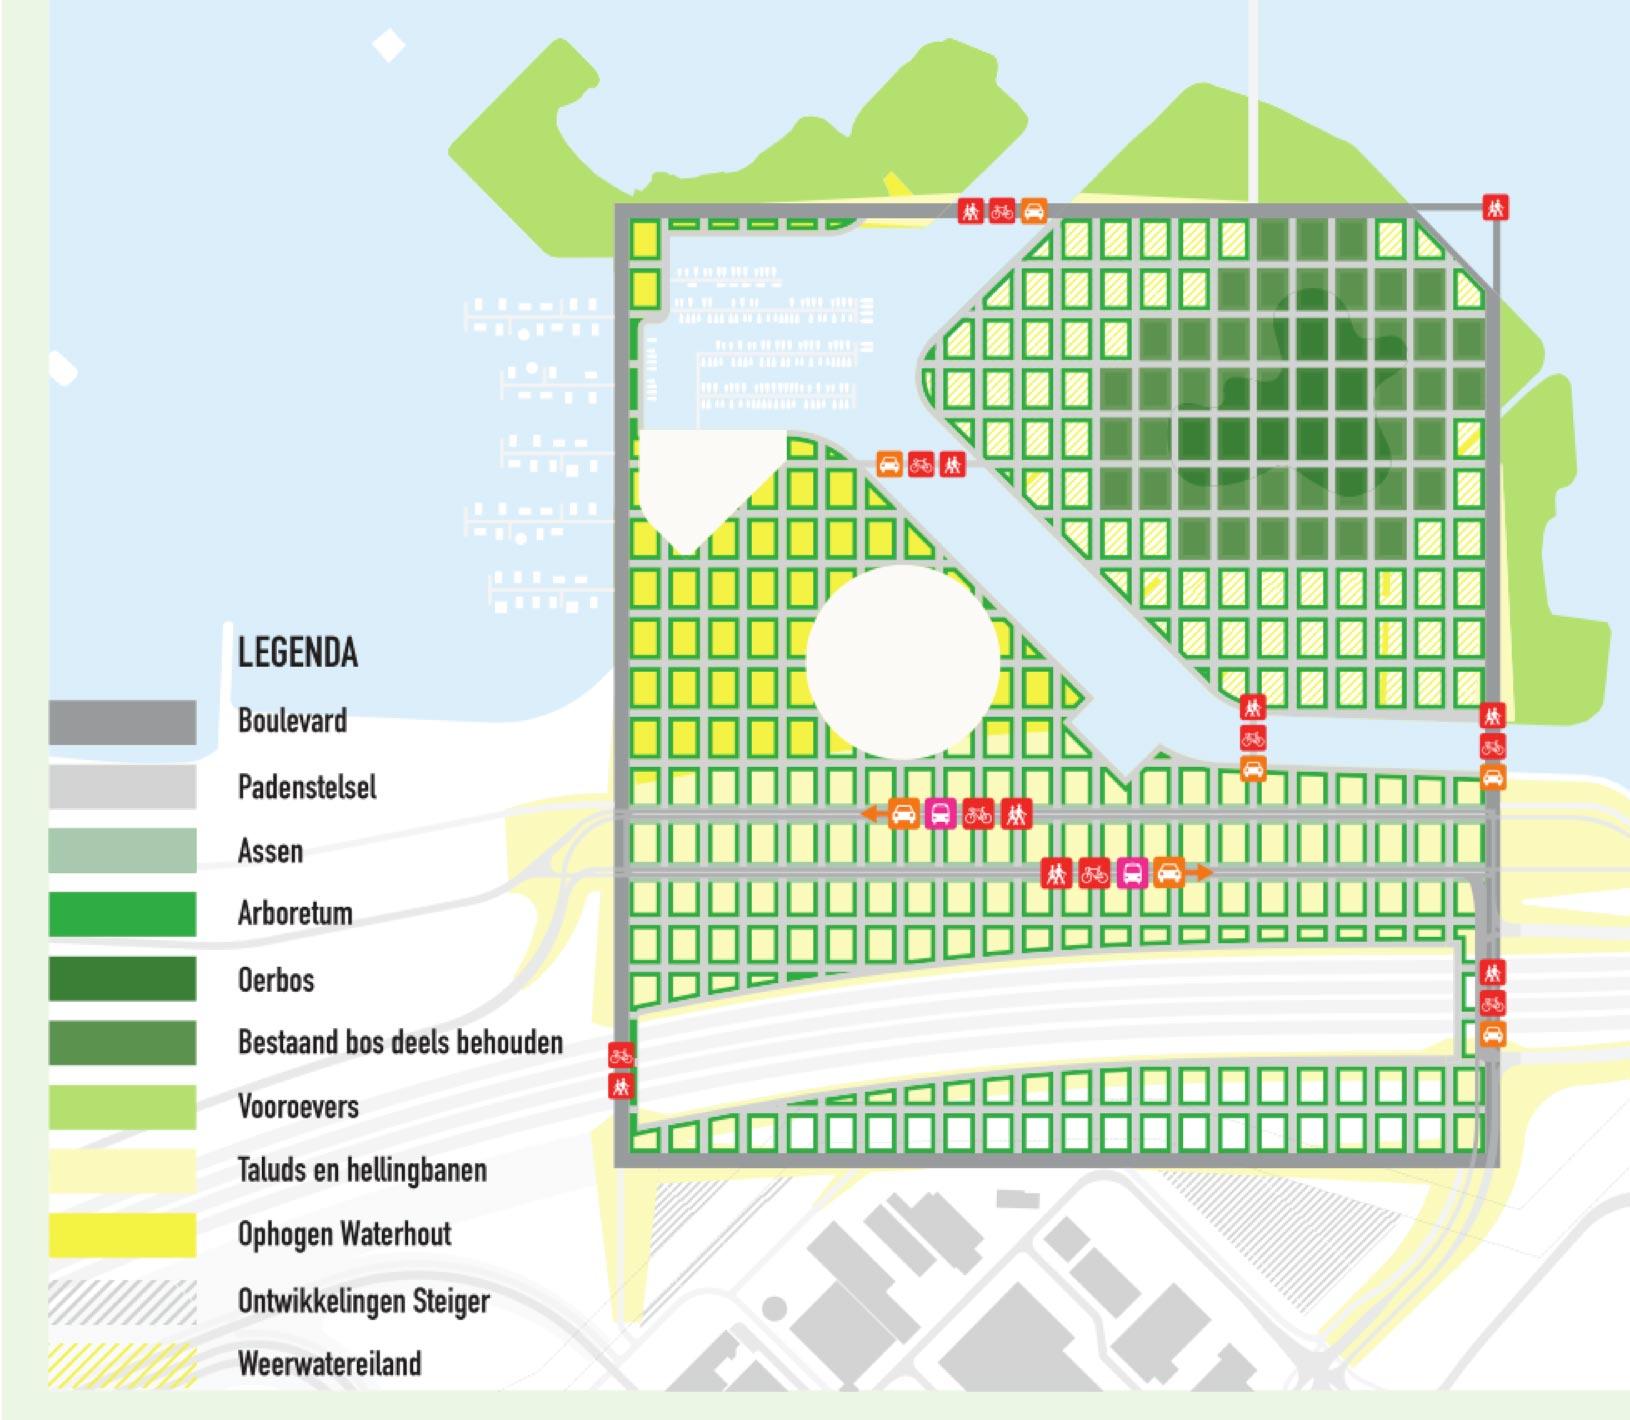 In de meest recente plannen is voor het Weerwater (omgeving) een ingrijpende transformatie voorzien.